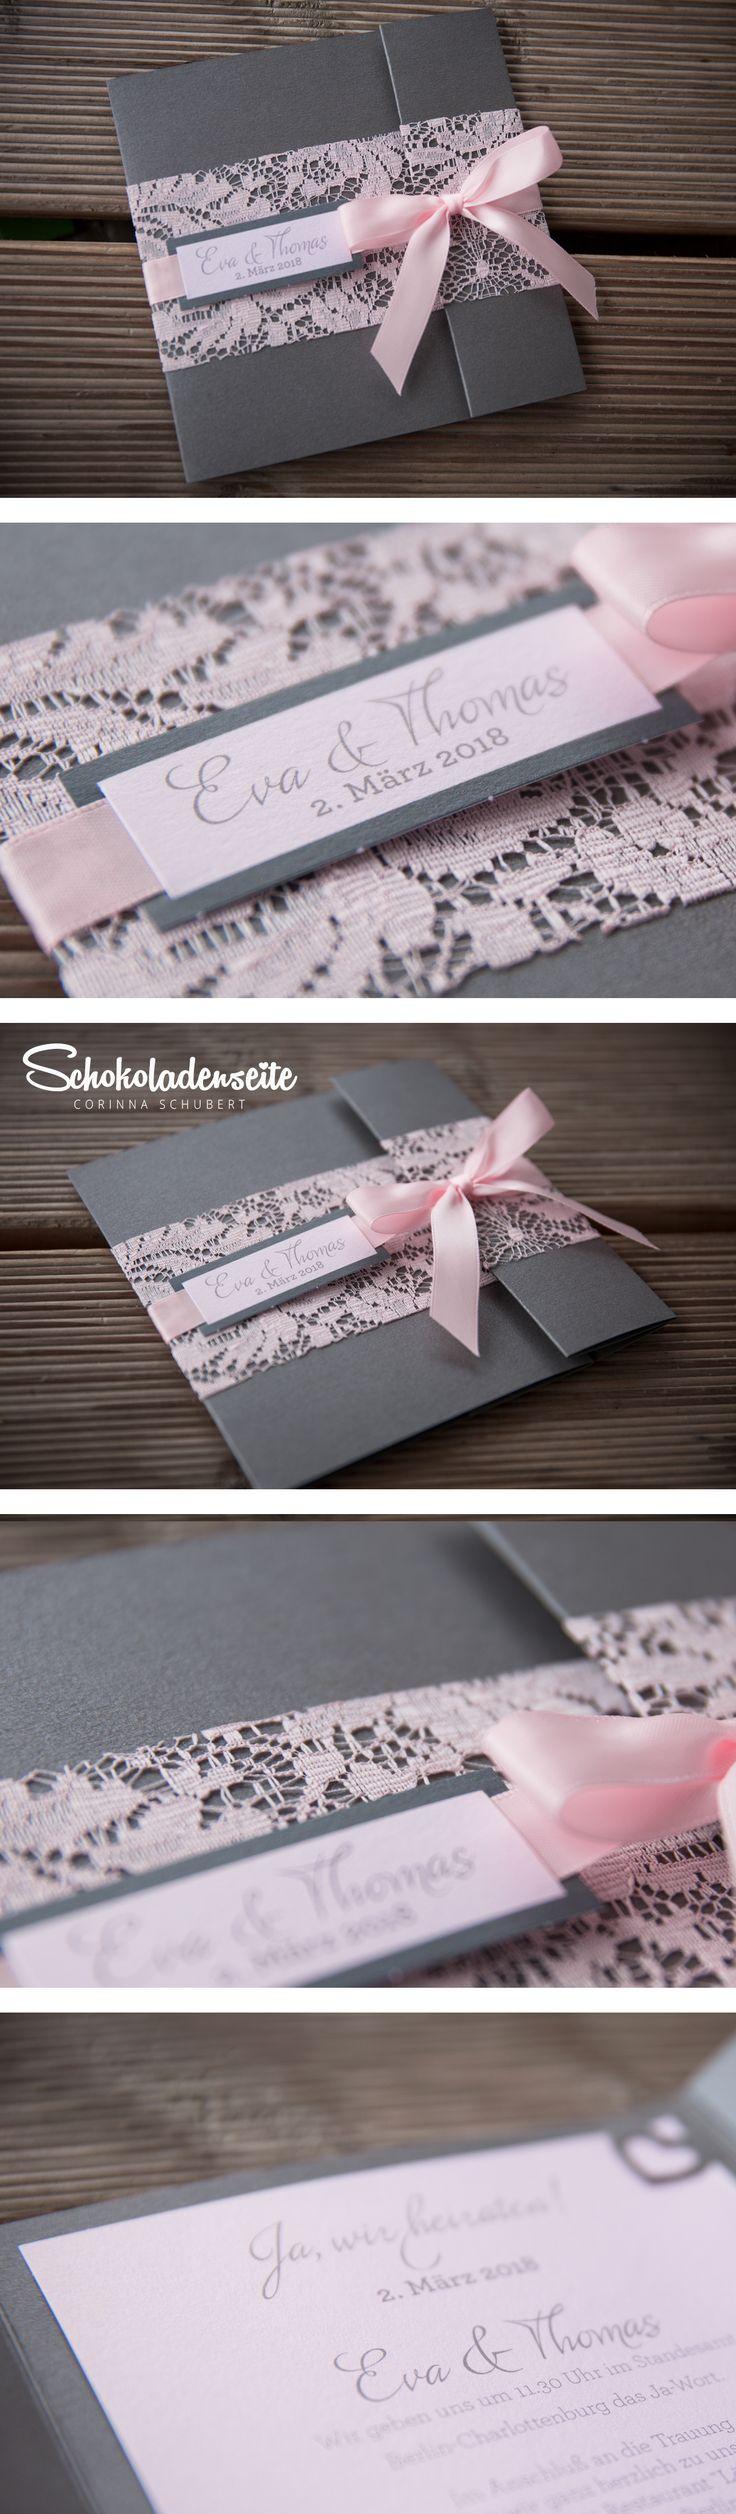 Hallo ihr Mäuse,  hier eine unserer Karten aus dem Shop. <3 Sie besticht durch ihre schöne Aufmachung, die Spitze und das Schleifchen sind dabei ein echter Hingucker. <3 #schokoladenseitekarten #love #wedding #hochzeitskarten #hochzeitseinladung #einladung #beautiful #spitze #schleife #rosa #weddinginvitation #invitation